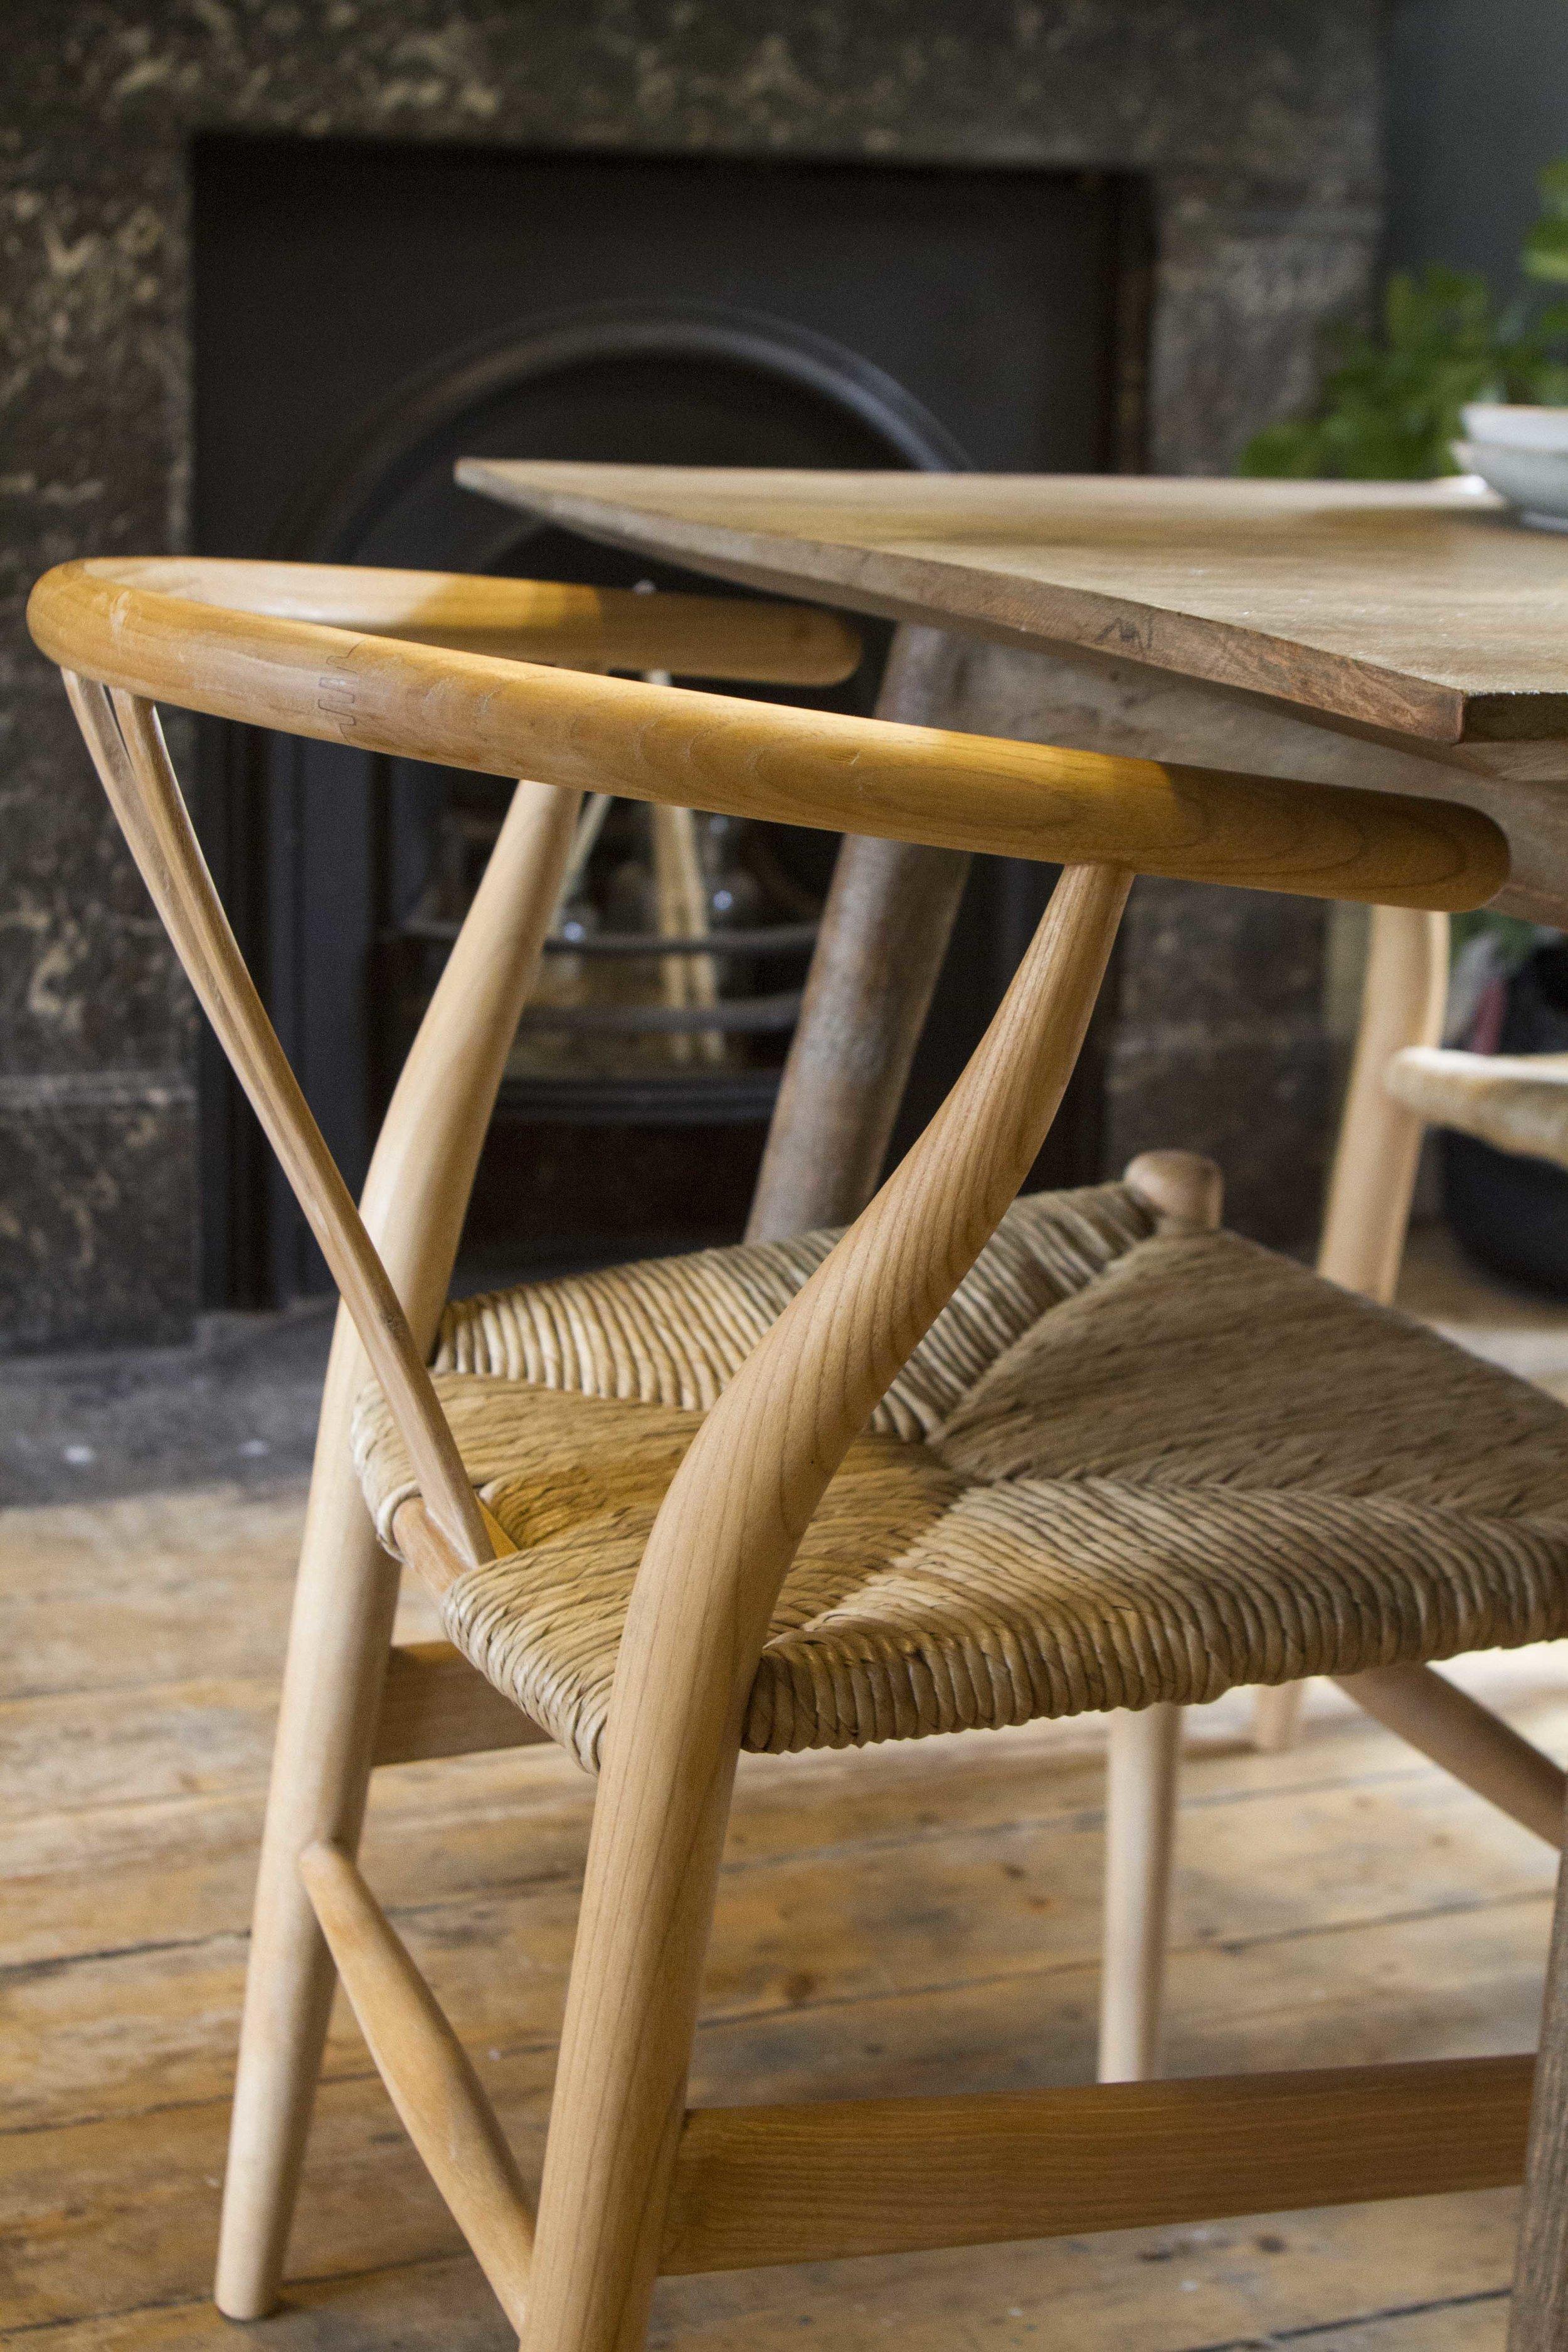 KIL_Chair copy.jpg